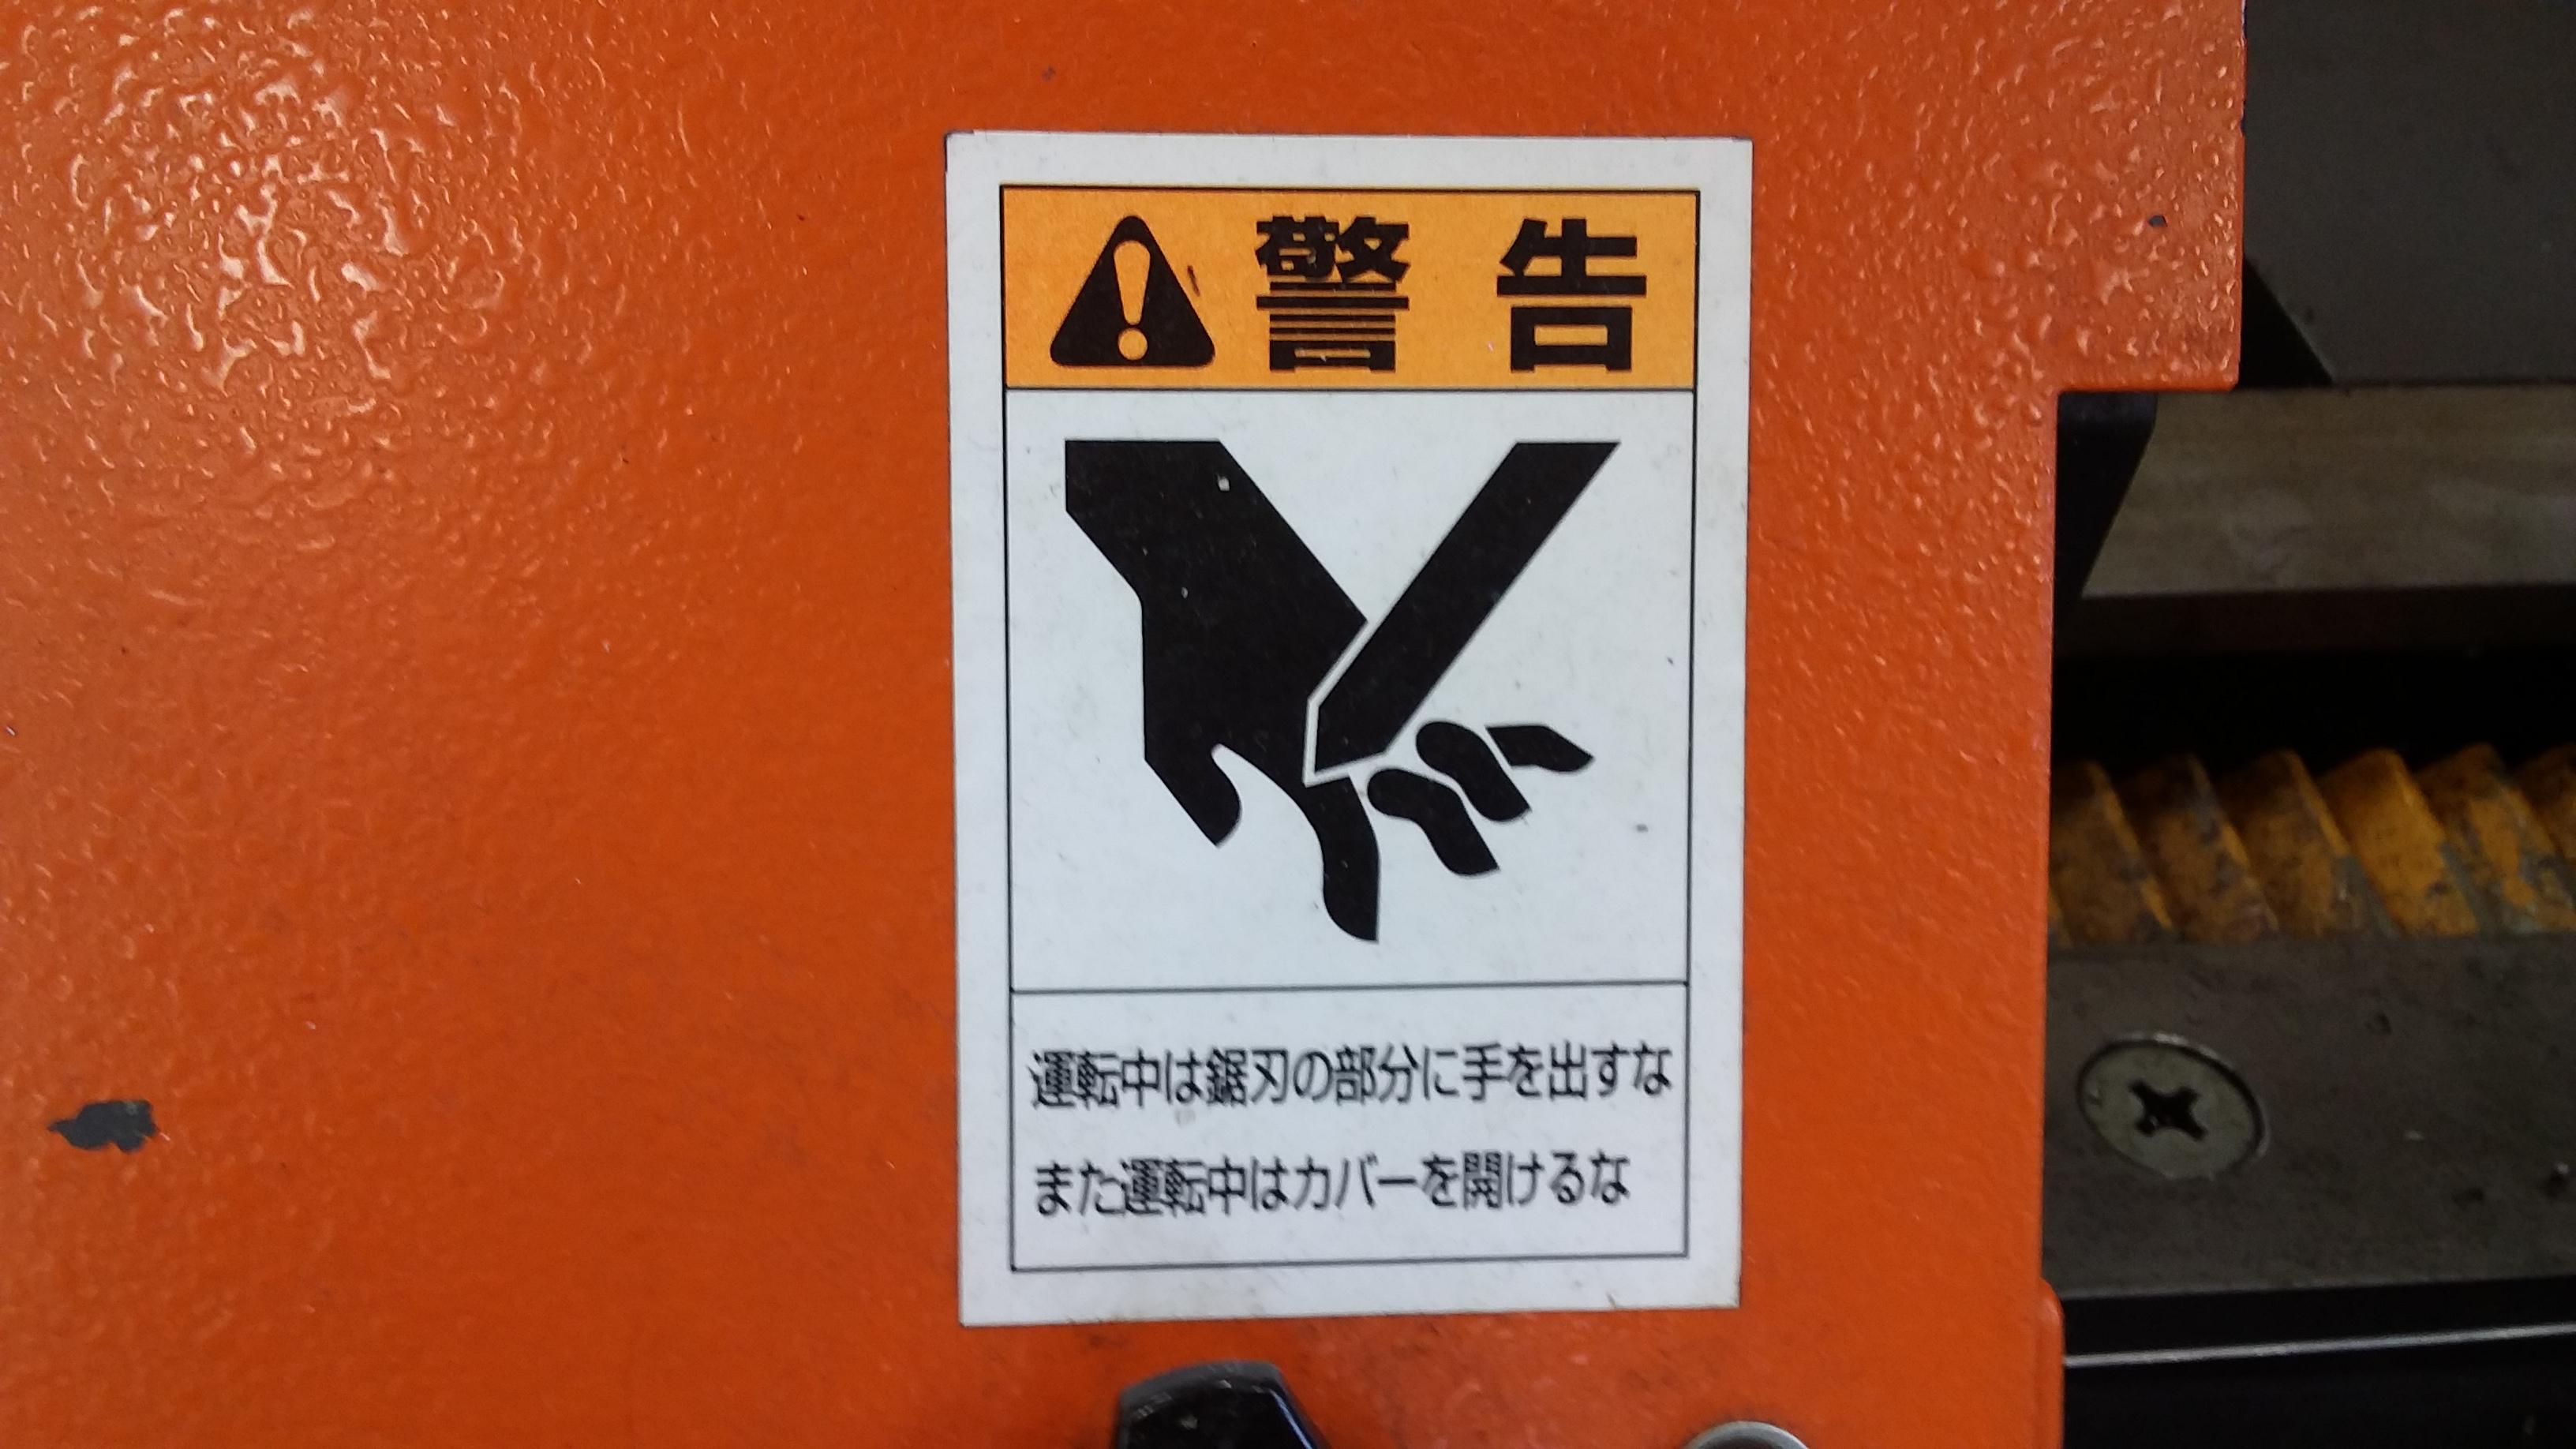 指詰め注意。